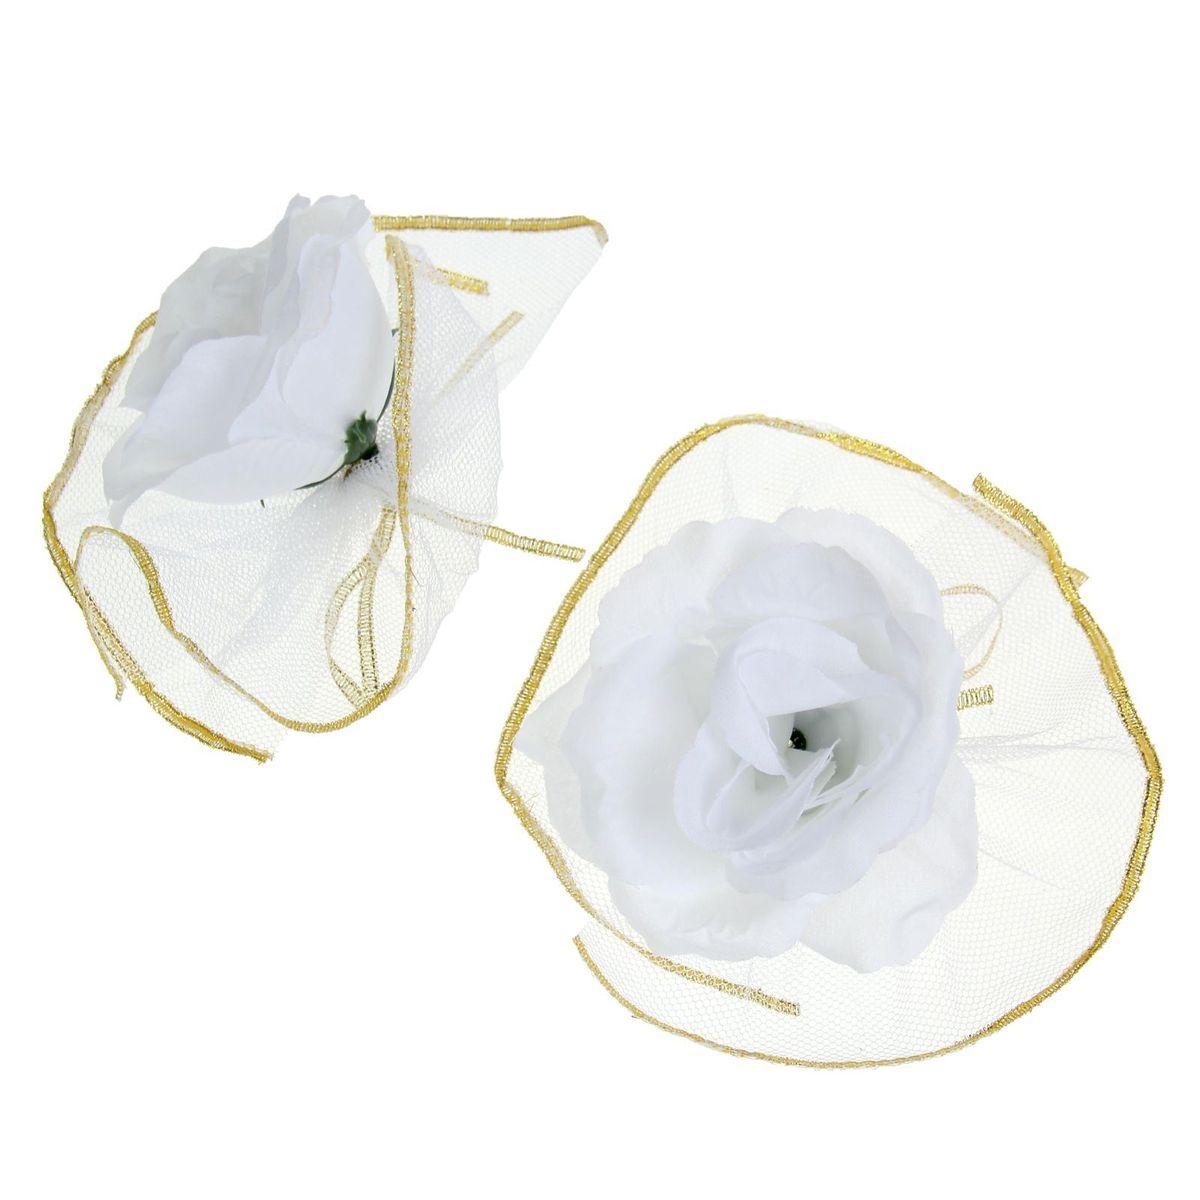 Набор белых роз для украшения свадебного авто Sima-land, 9 x 12 x 3,5 см1116951Чудесный набор для декора свадебного автомобиля состоит из двух цветов на лентах в окружении пышной белой оборки. Украсьте с его помощью ручки машины, зеркала или капот. Также это набор можно использовать для оформления зала и свадебных бокалов, что поможет создать неповторимую атмосферу праздника. Дарите радость себе и близким с красивыми аксессуарами.